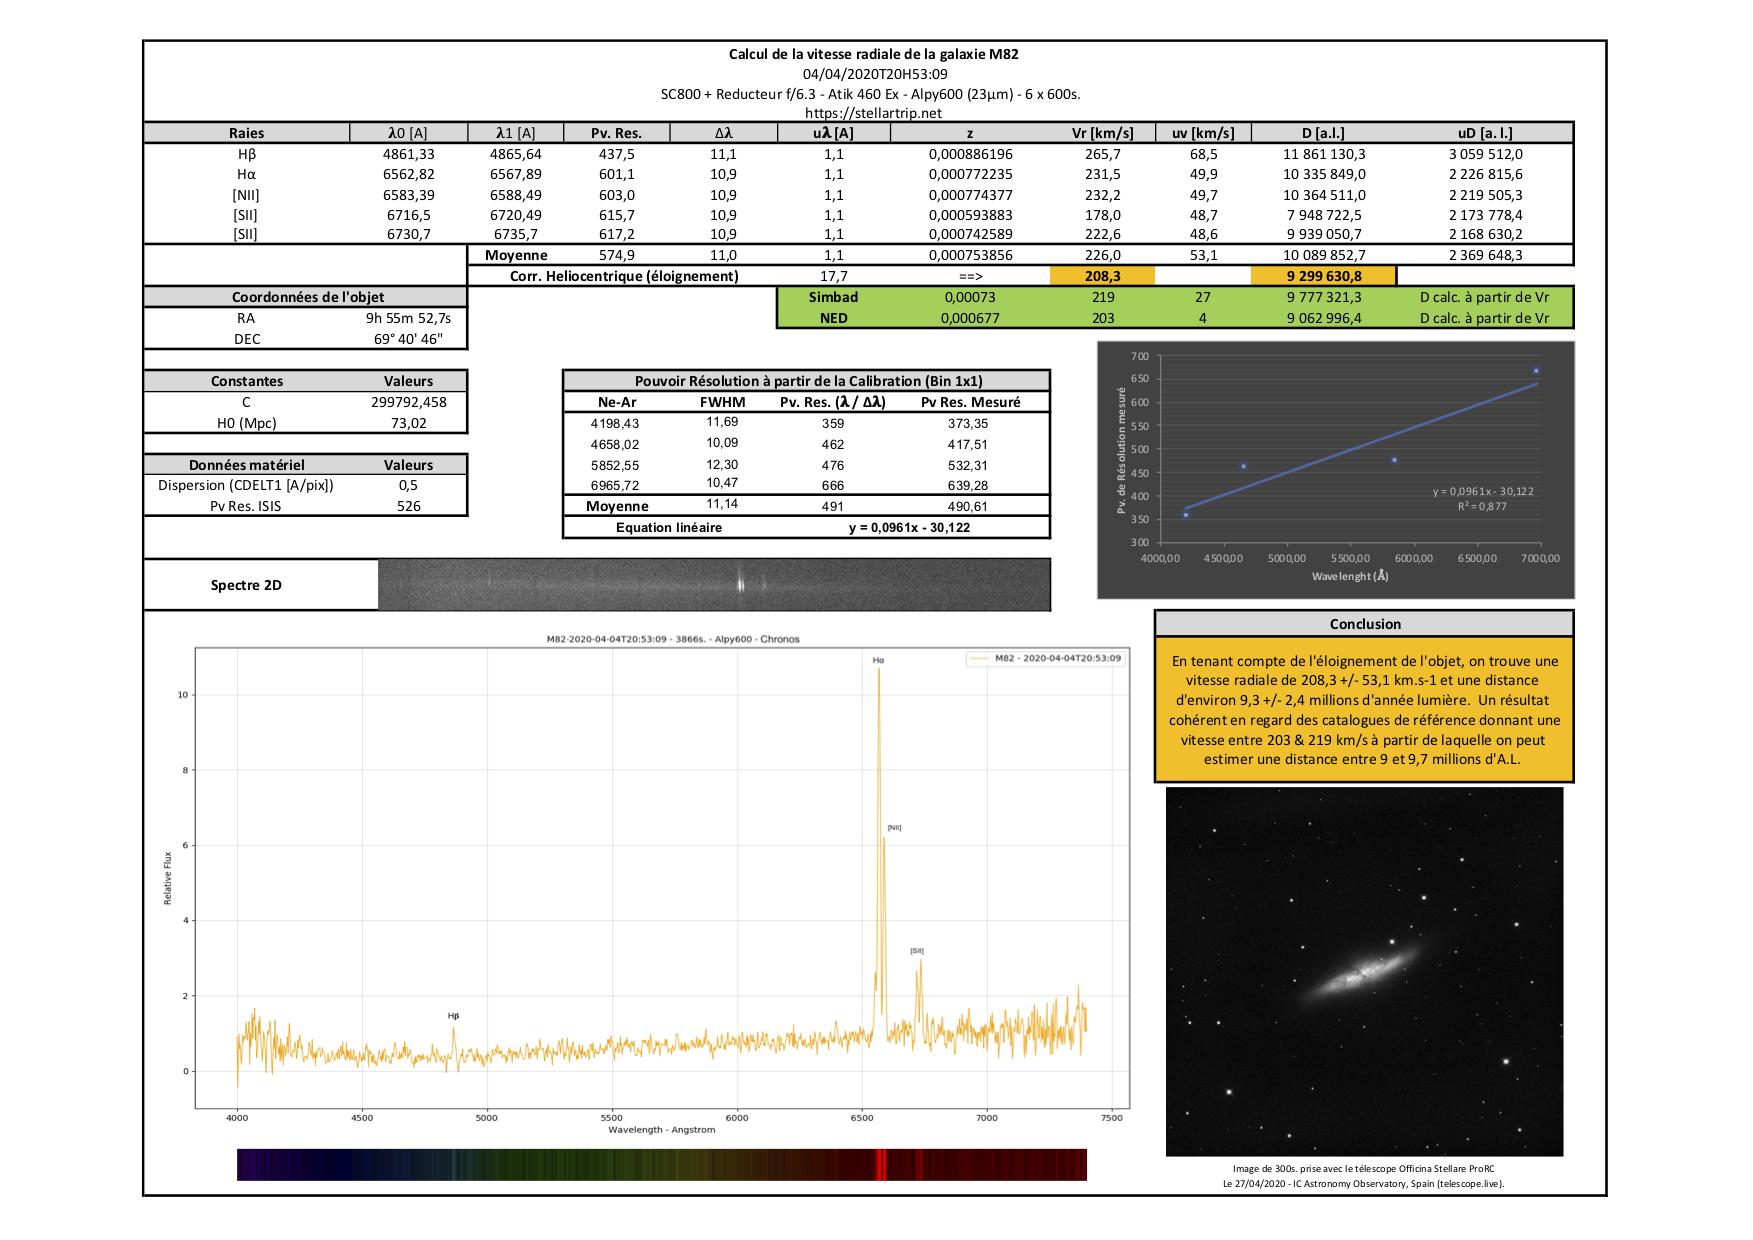 Détail de l'étude de la distance de la galaxie M82 à partir de sa vitesse radiale.